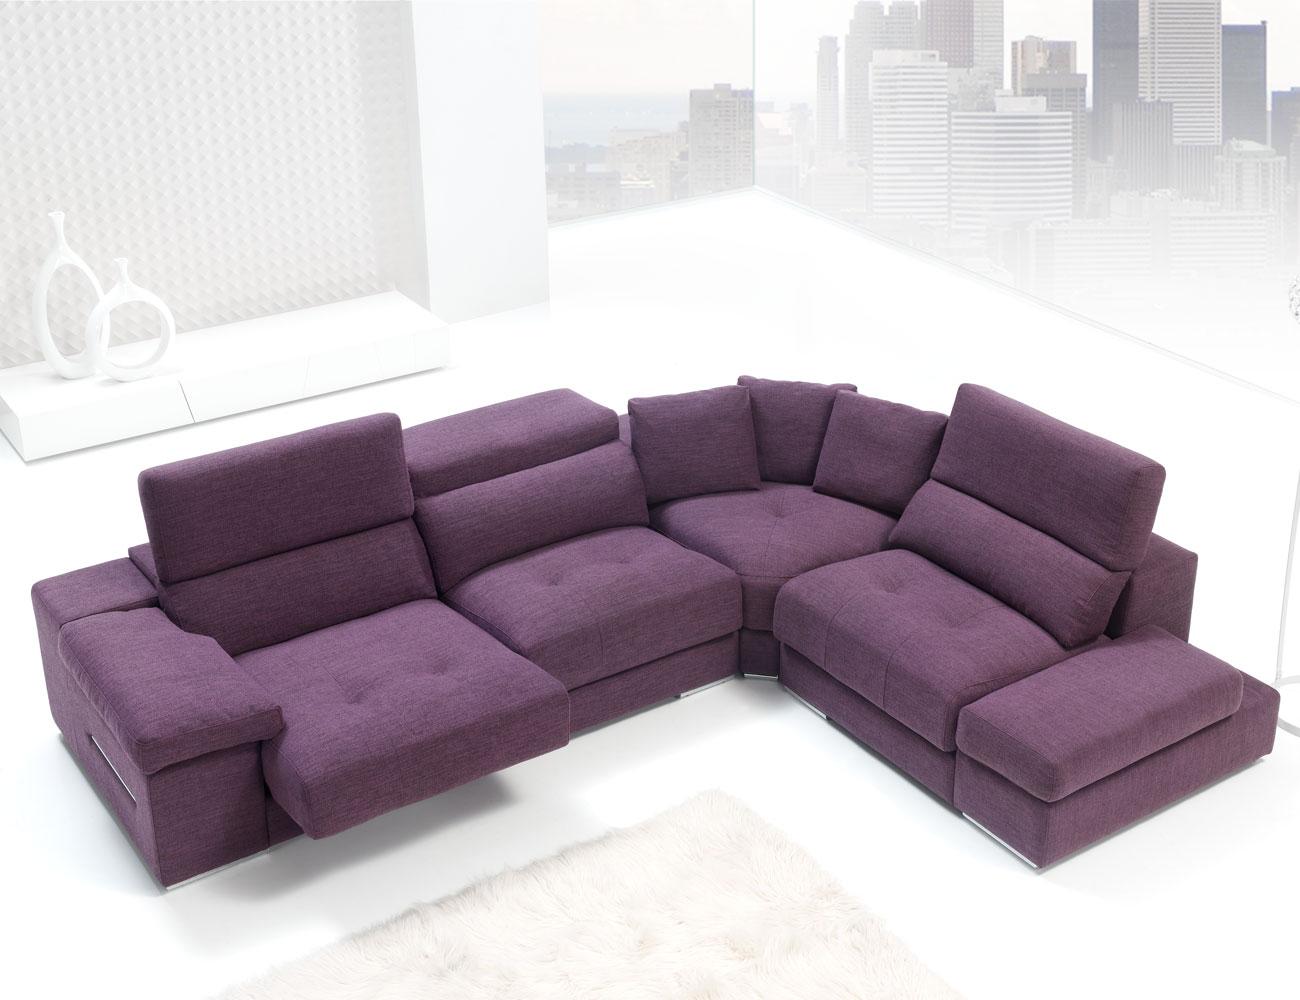 Sofa chaiselongue rincon con brazo mecanico tejido anti manchas 27